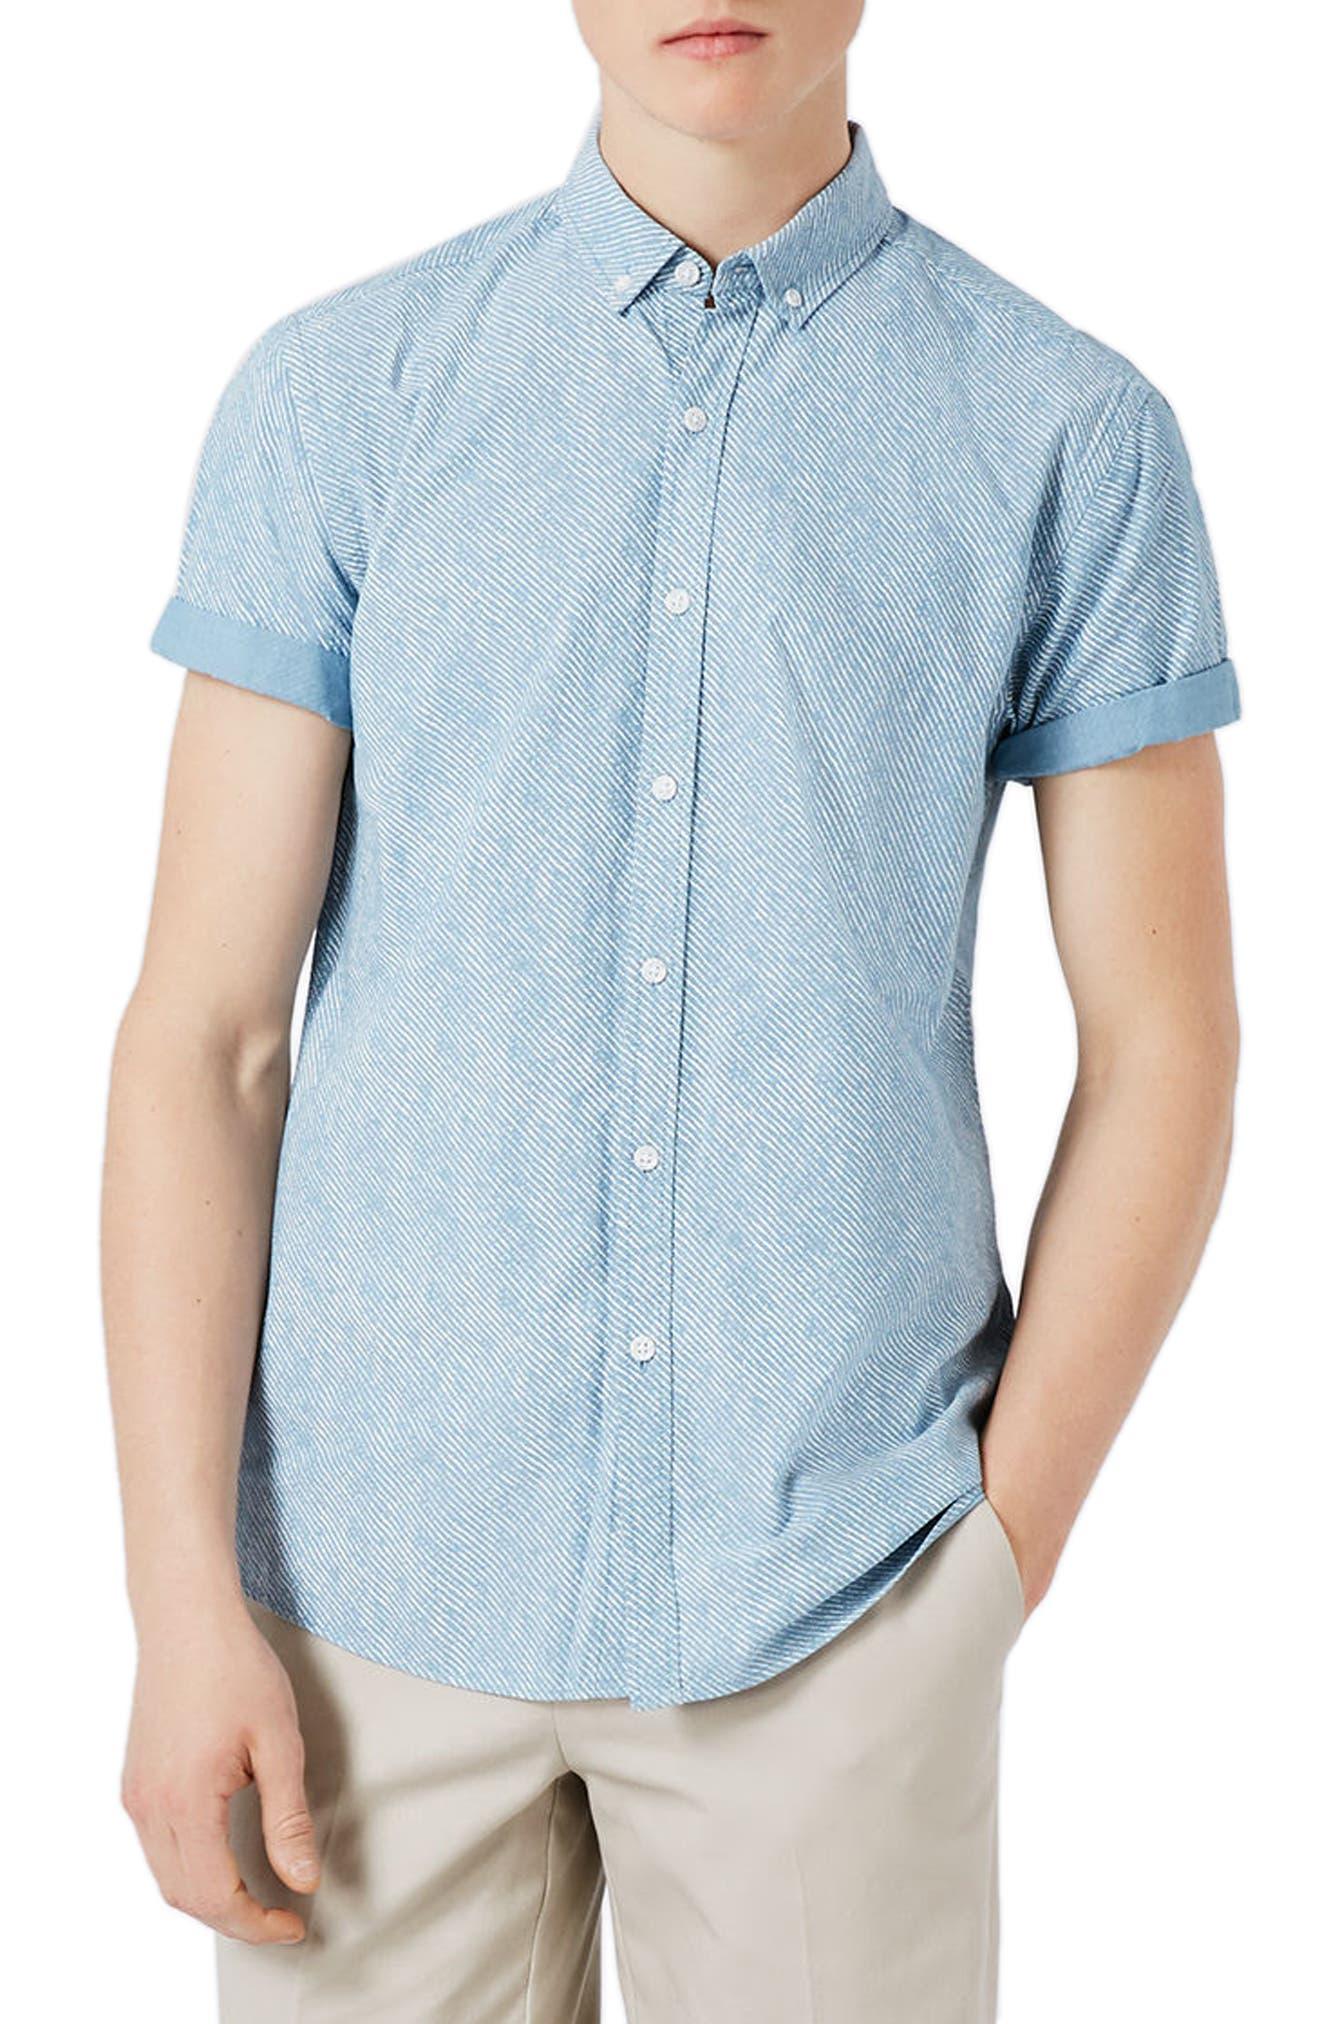 Topman Stripe Shirt